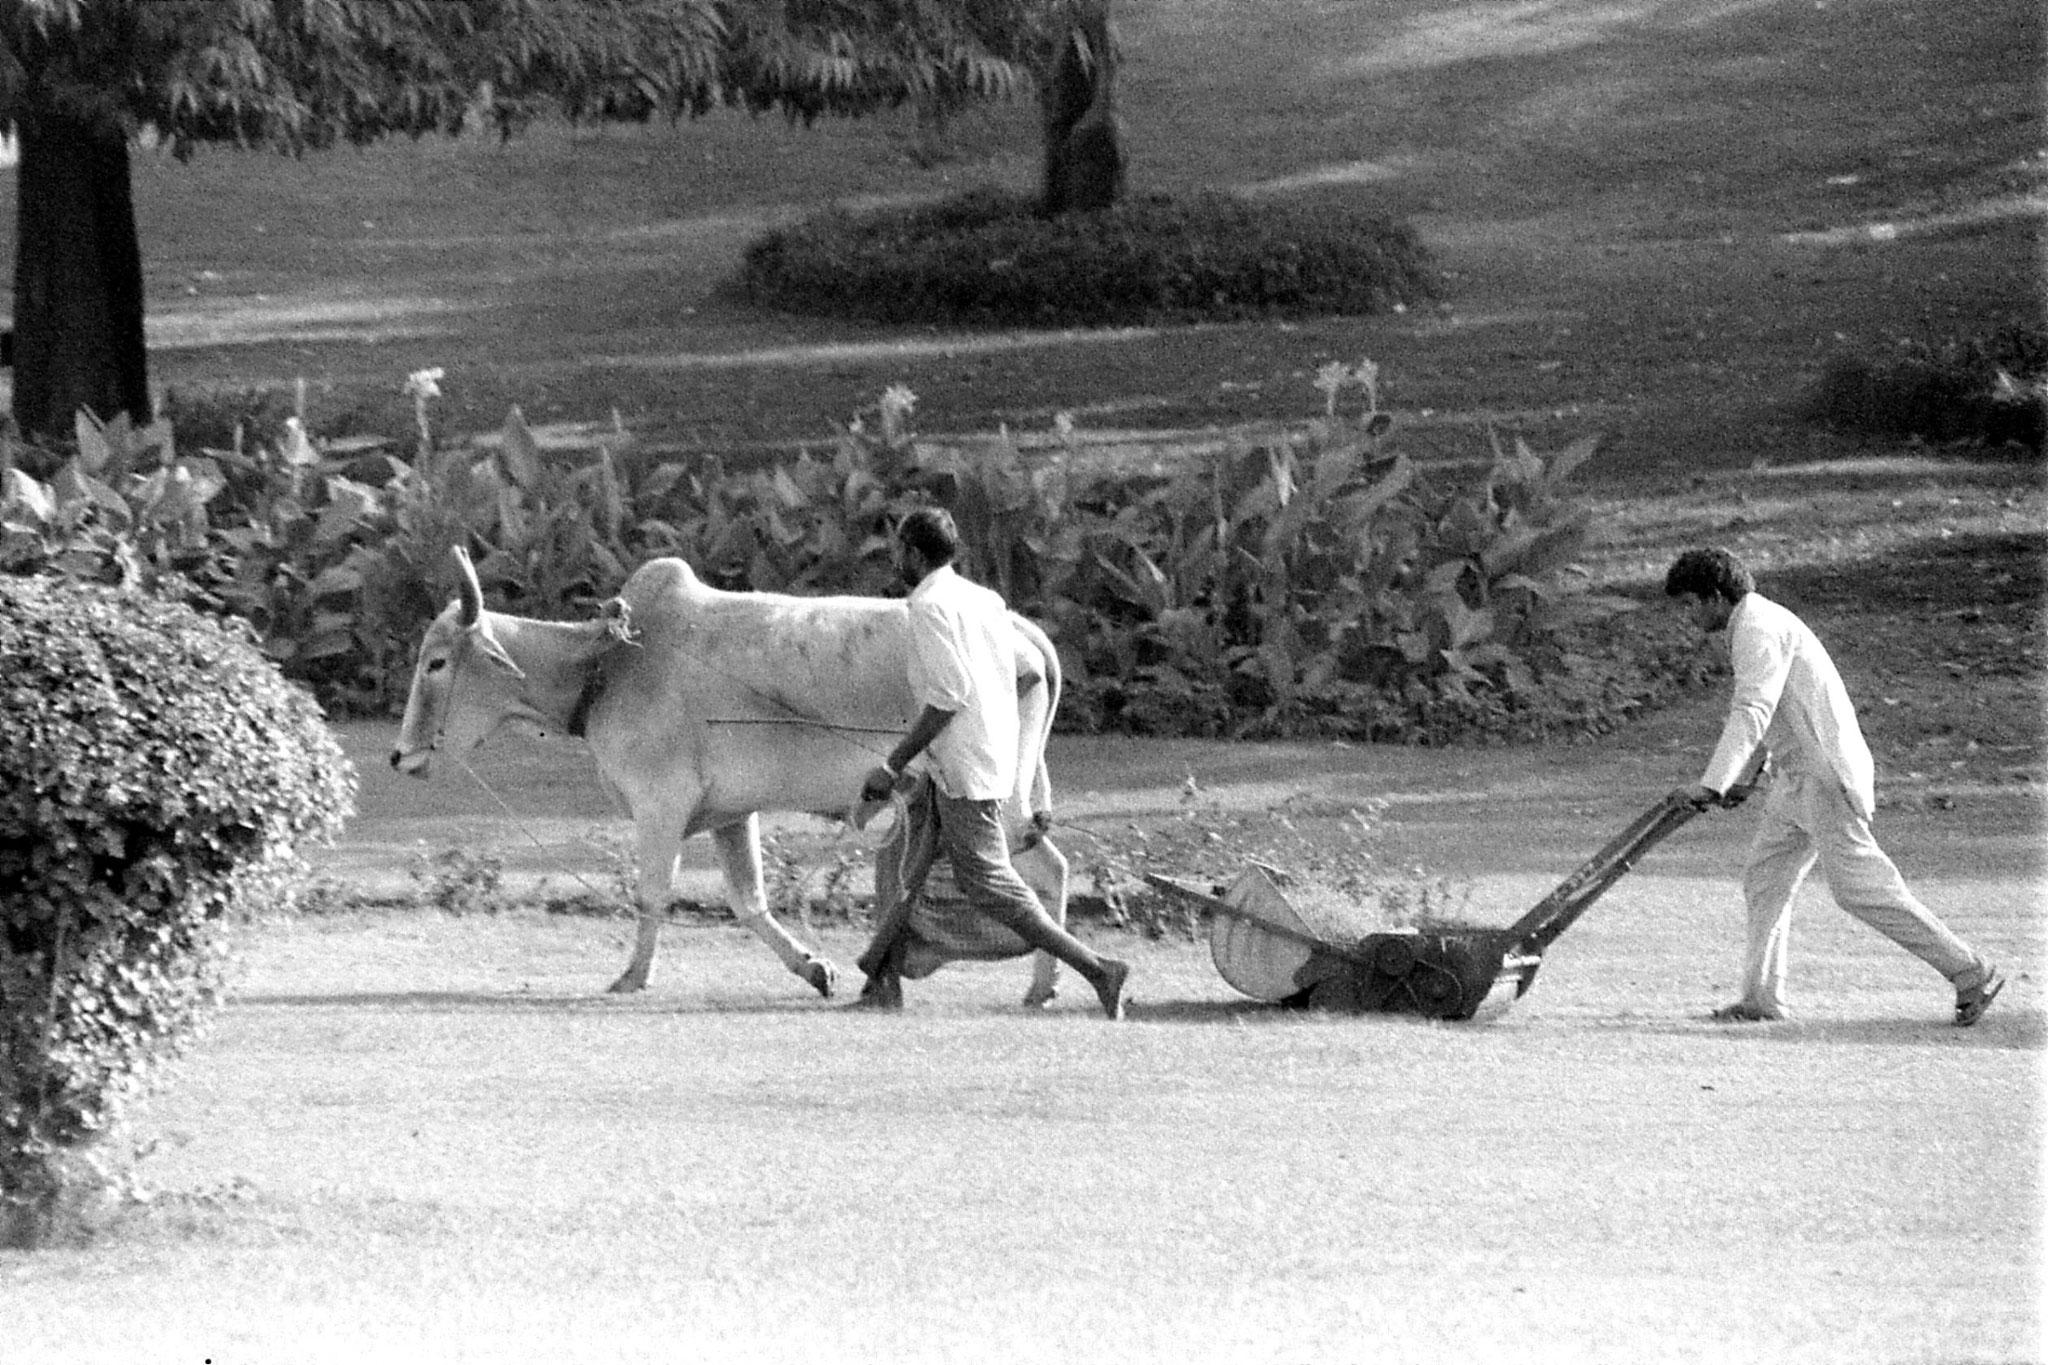 24/11/1989: 19: New Delhi Raj Ghat bullock lawn mower